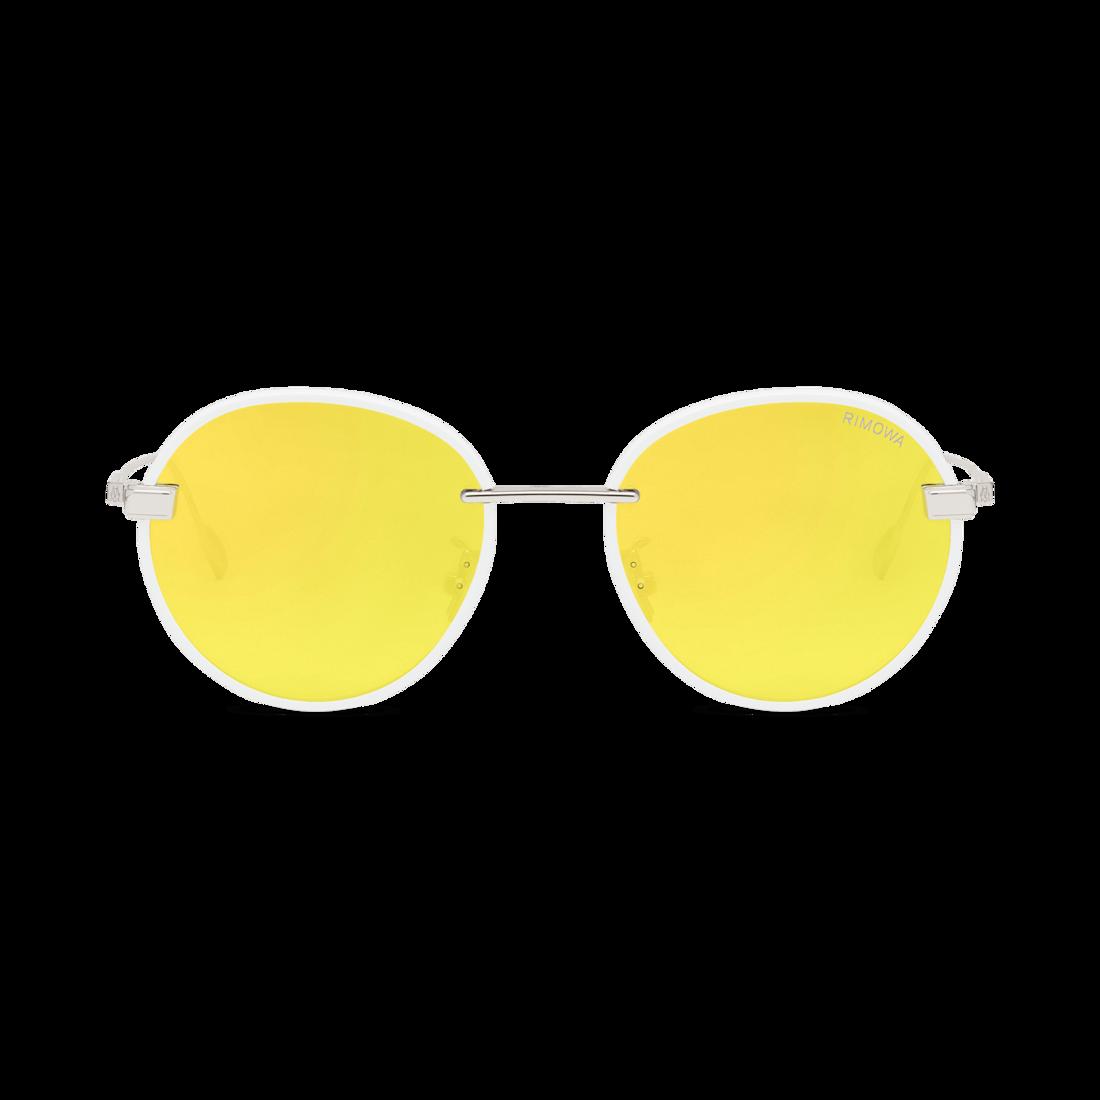 Rim Pantos White Yellow Mirrored Round Sunglasses Rimowa